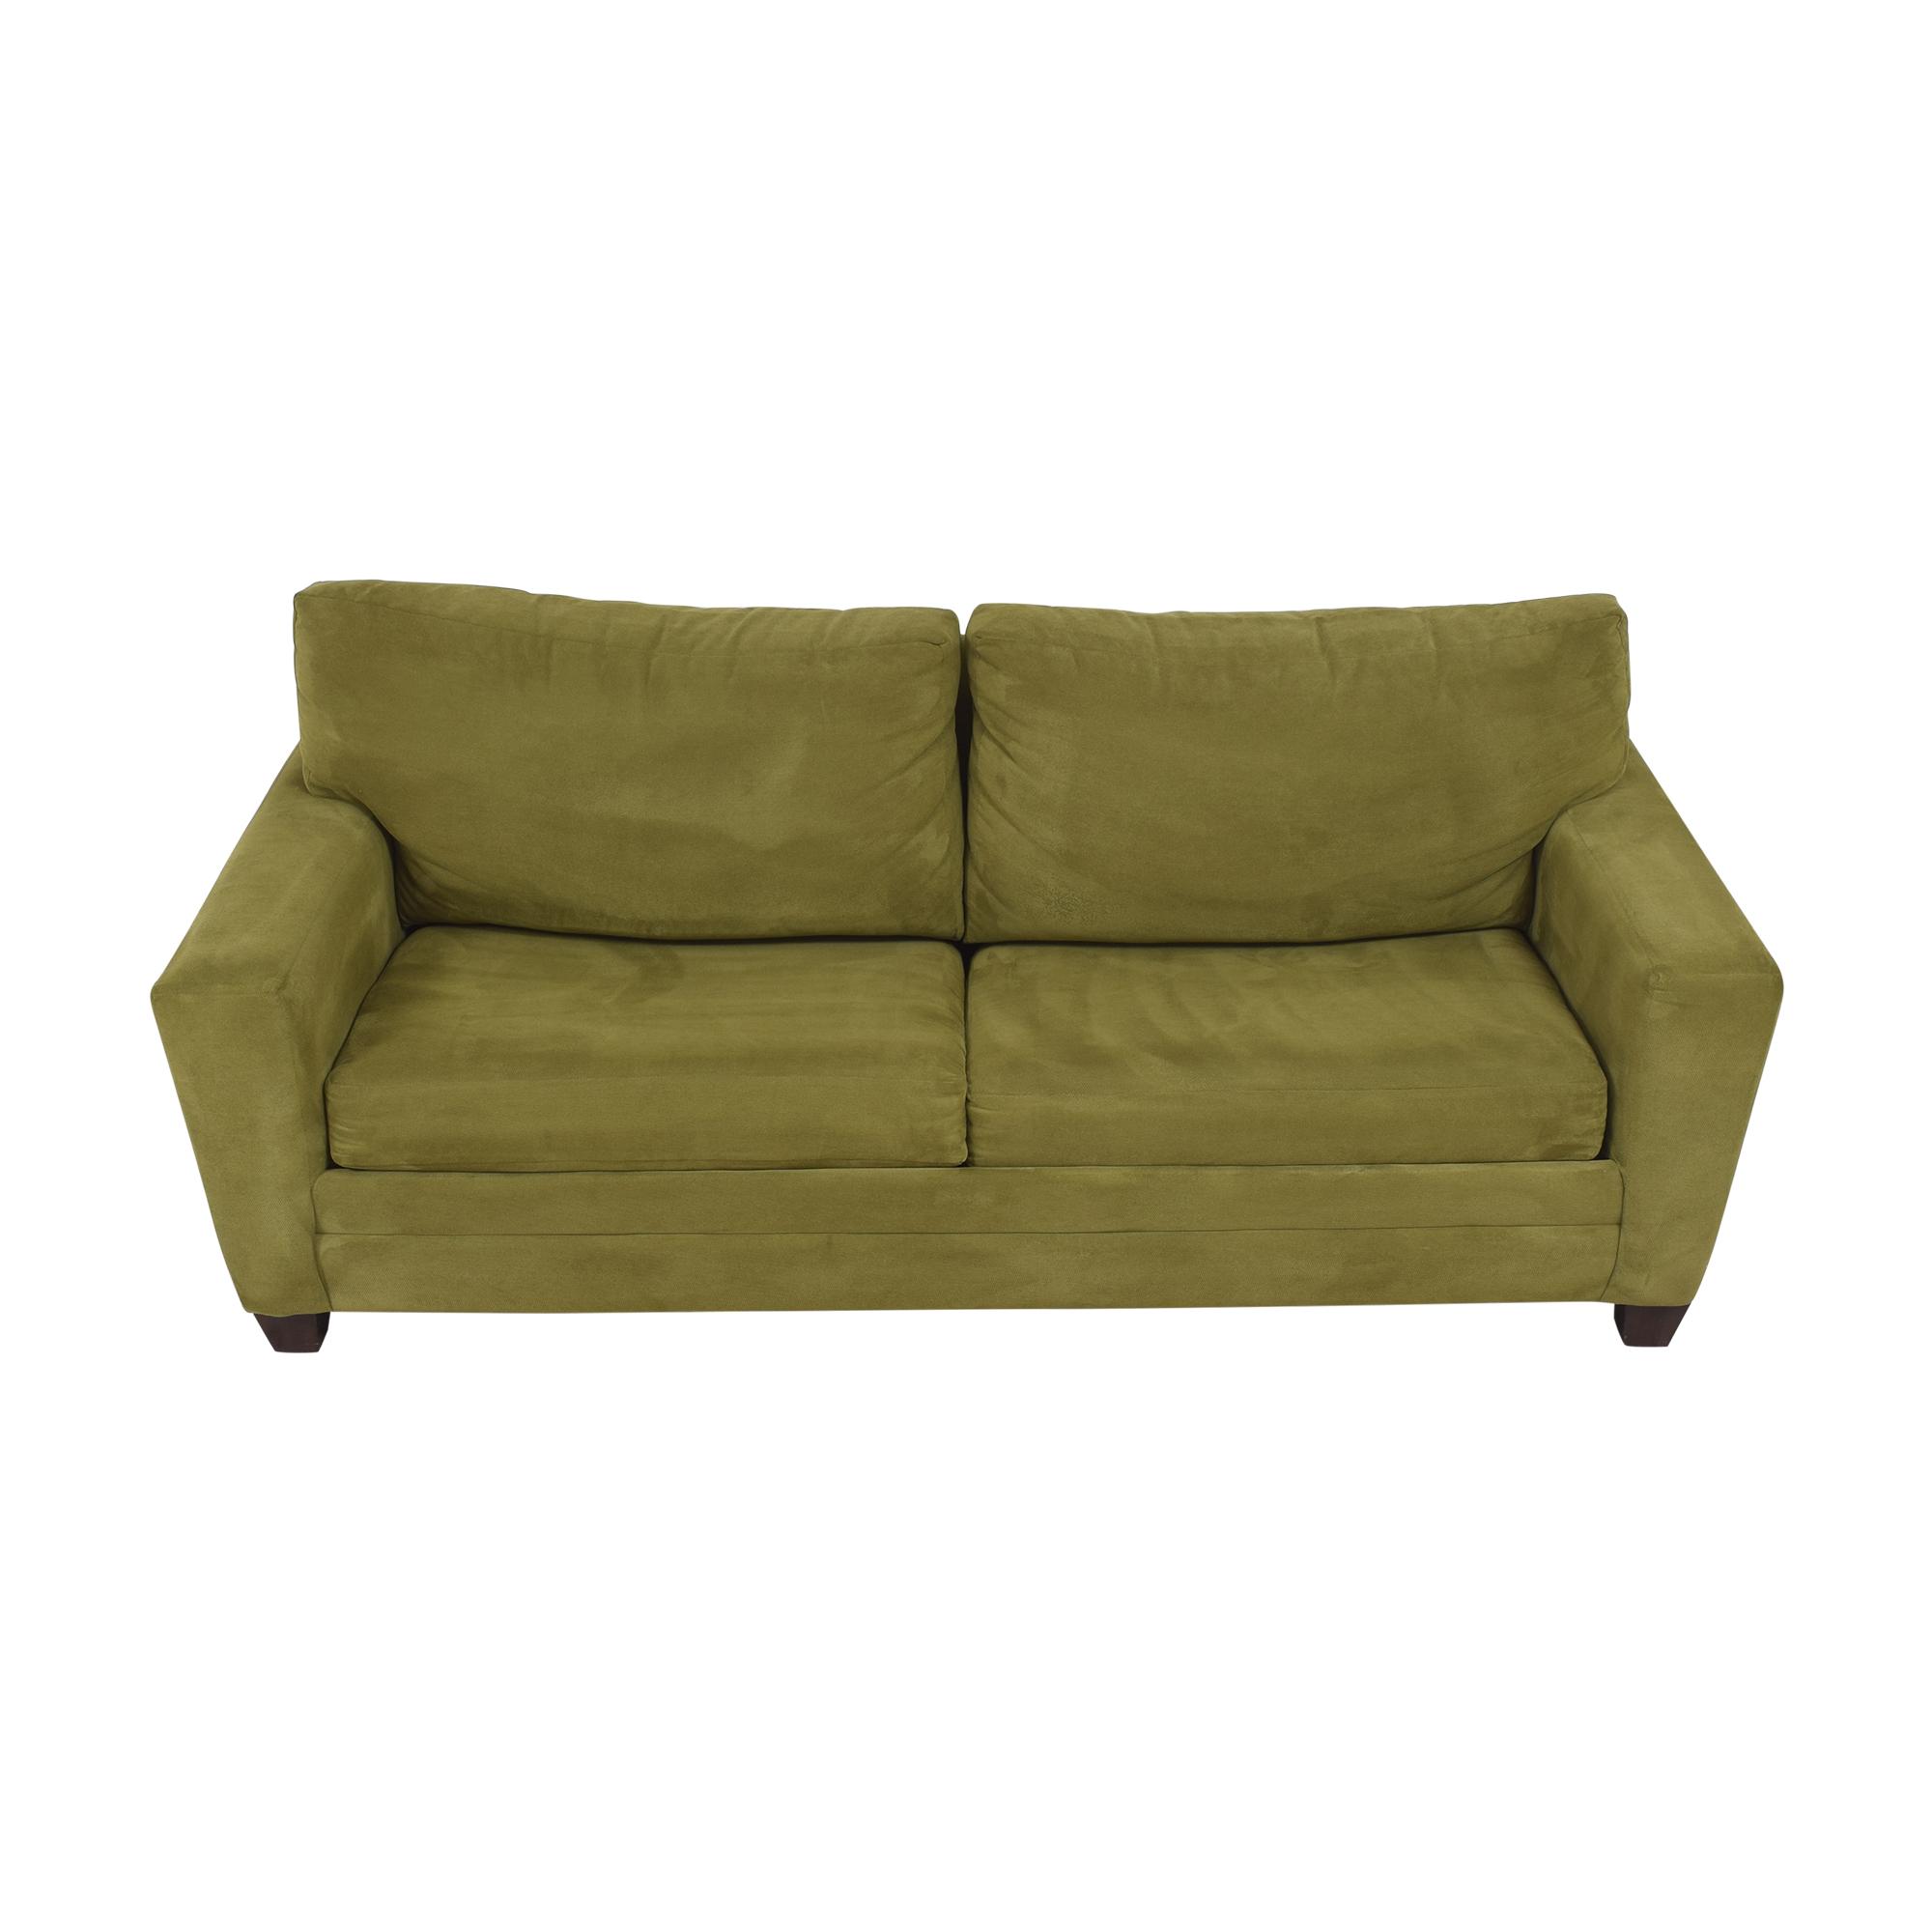 Bassett Furniture Queen Sleeper Sofa / Sofas